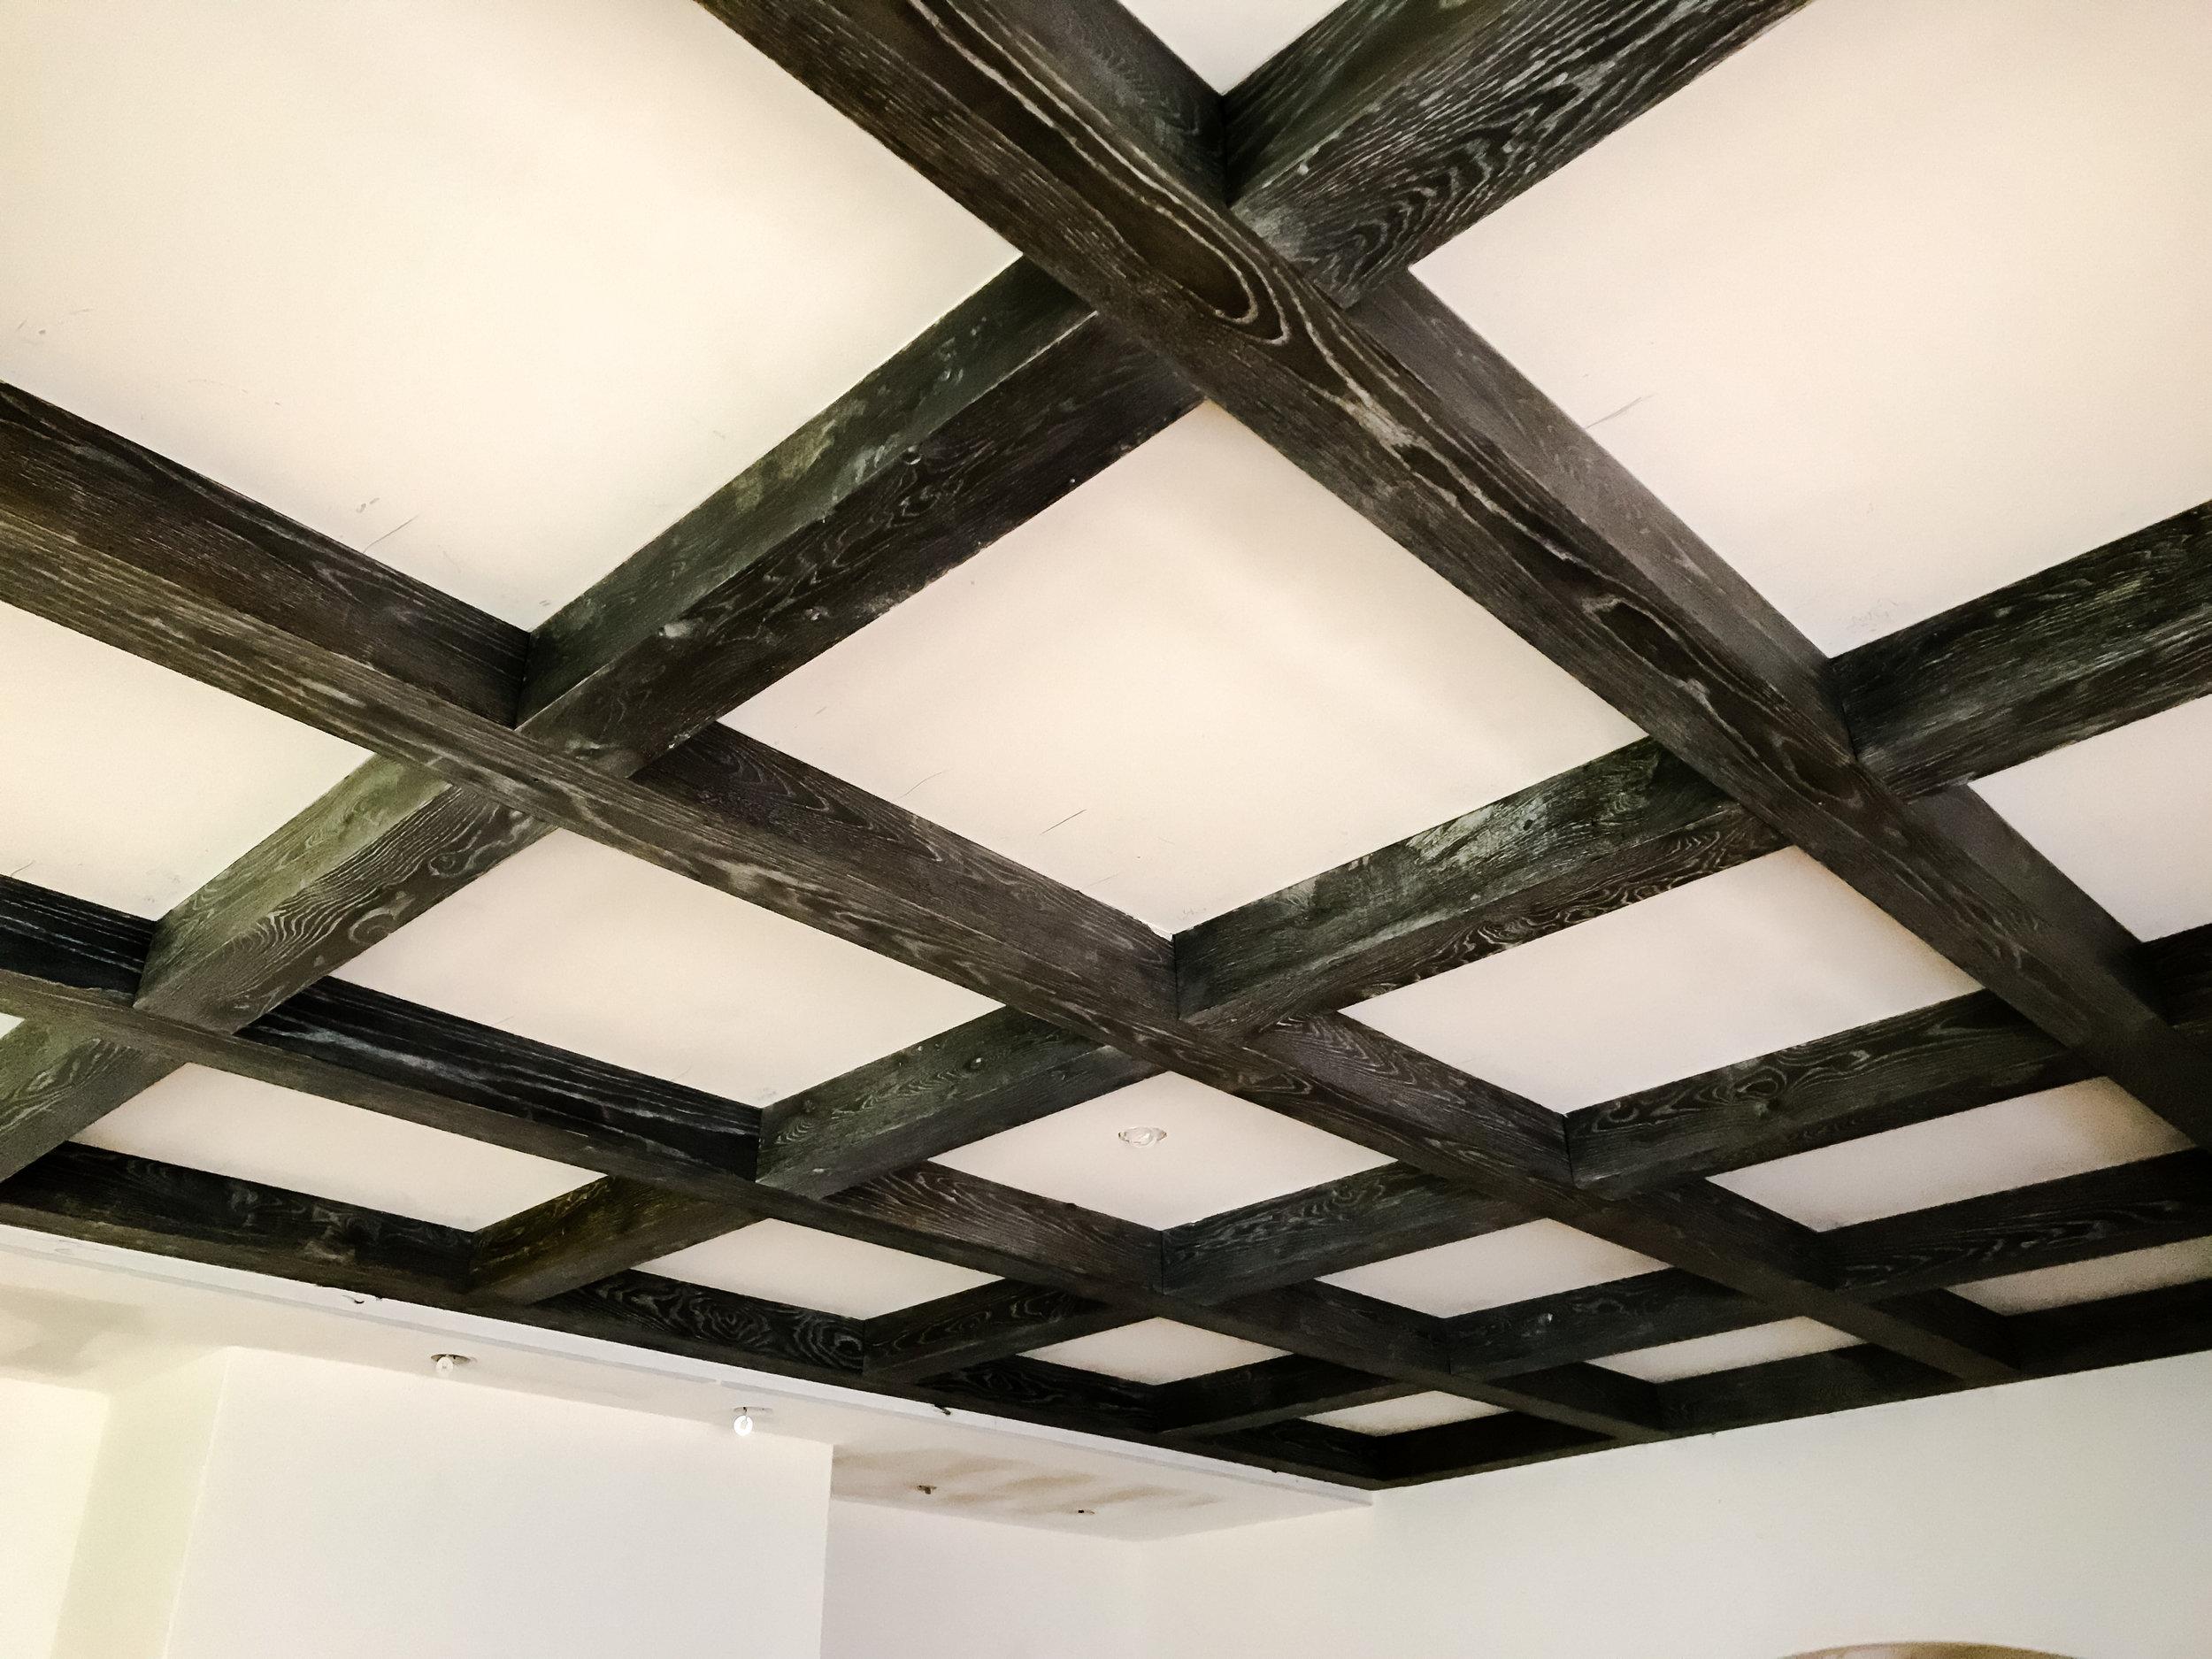 Habachy Designs & Atelier_Ceiling Beams (10).JPG